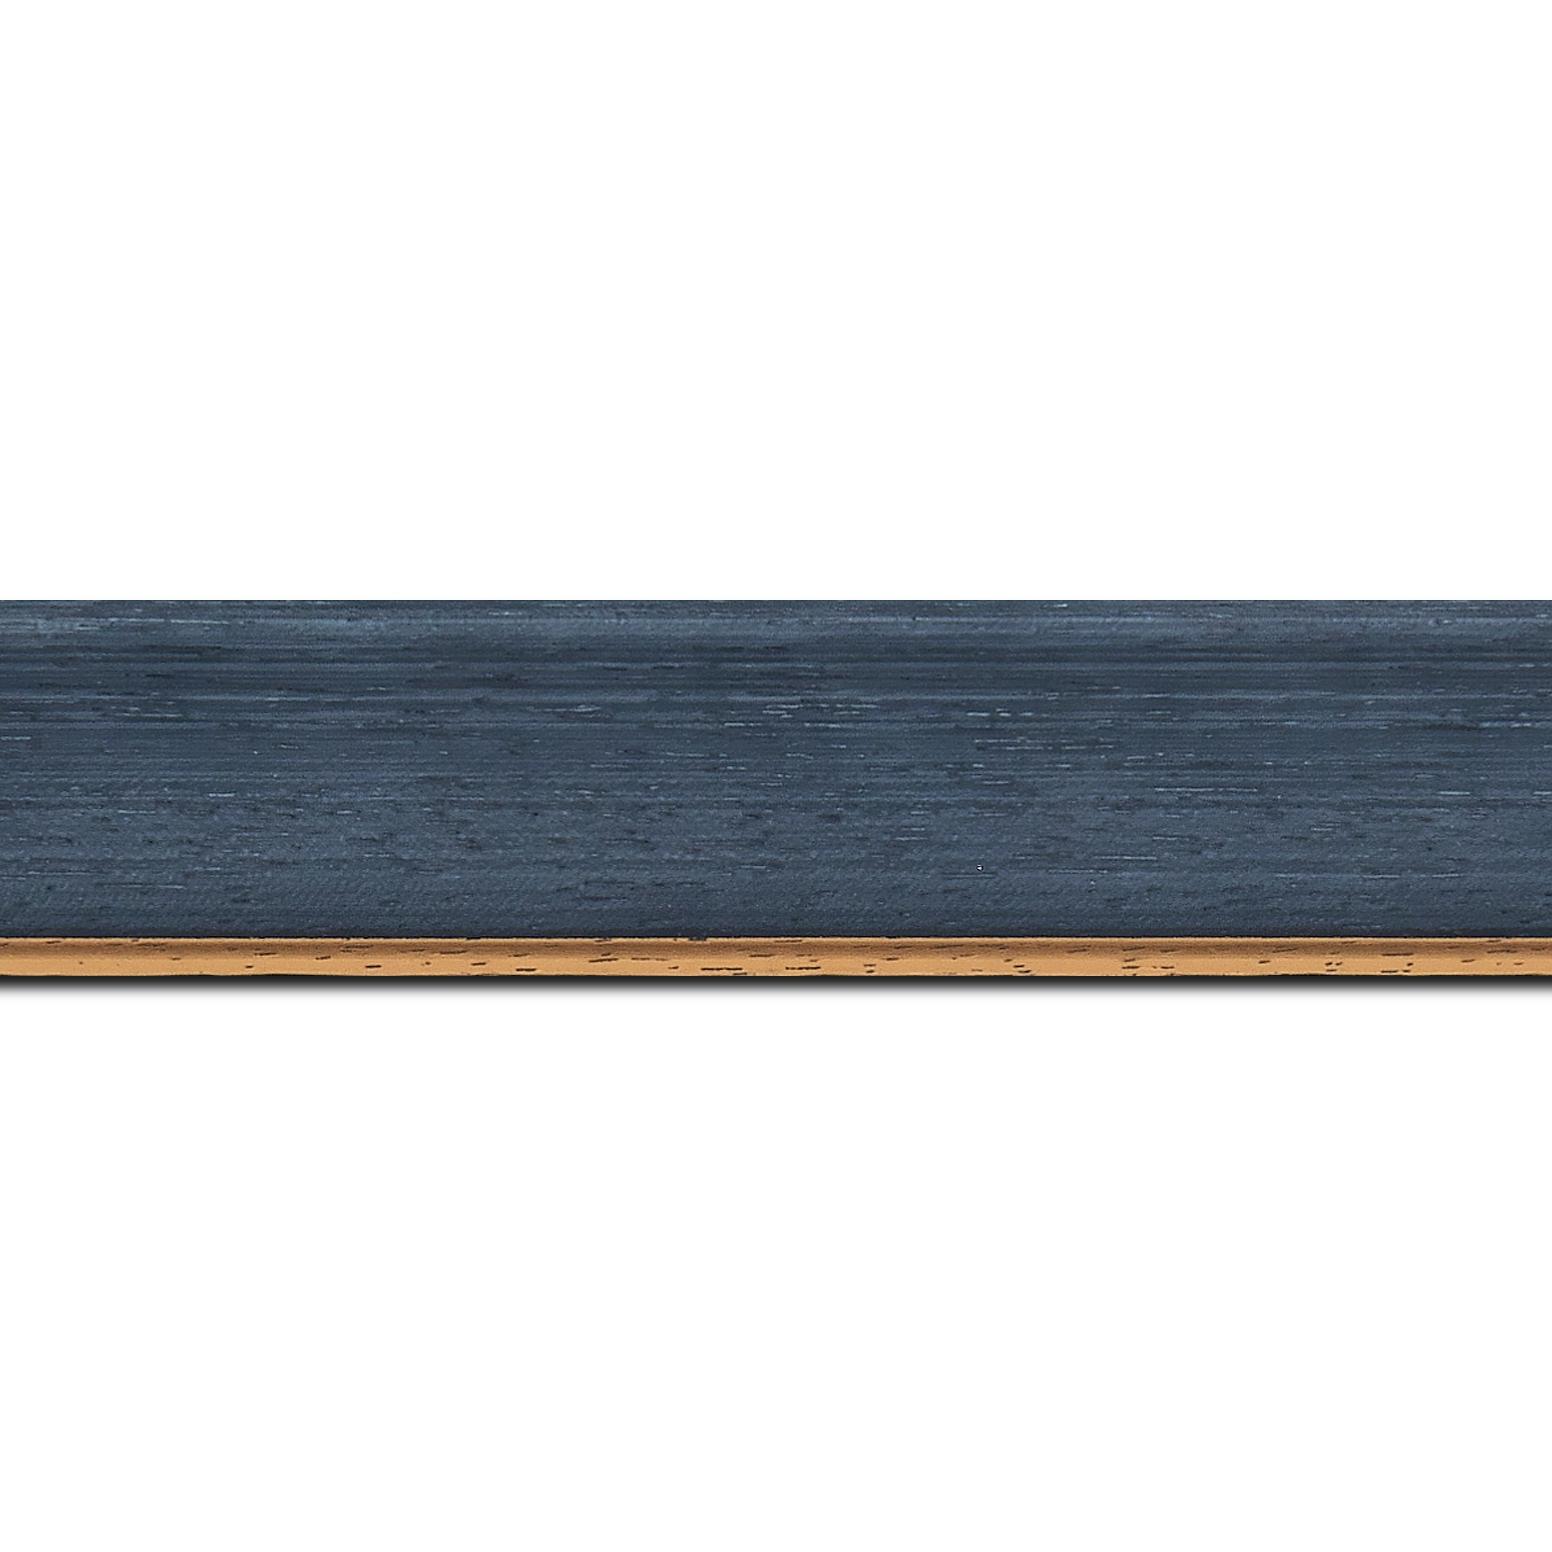 Pack par 12m, bois profil incurvé largeur 3.9cm couleur bleu pétrole satiné filet or (longueur baguette pouvant varier entre 2.40m et 3m selon arrivage des bois)